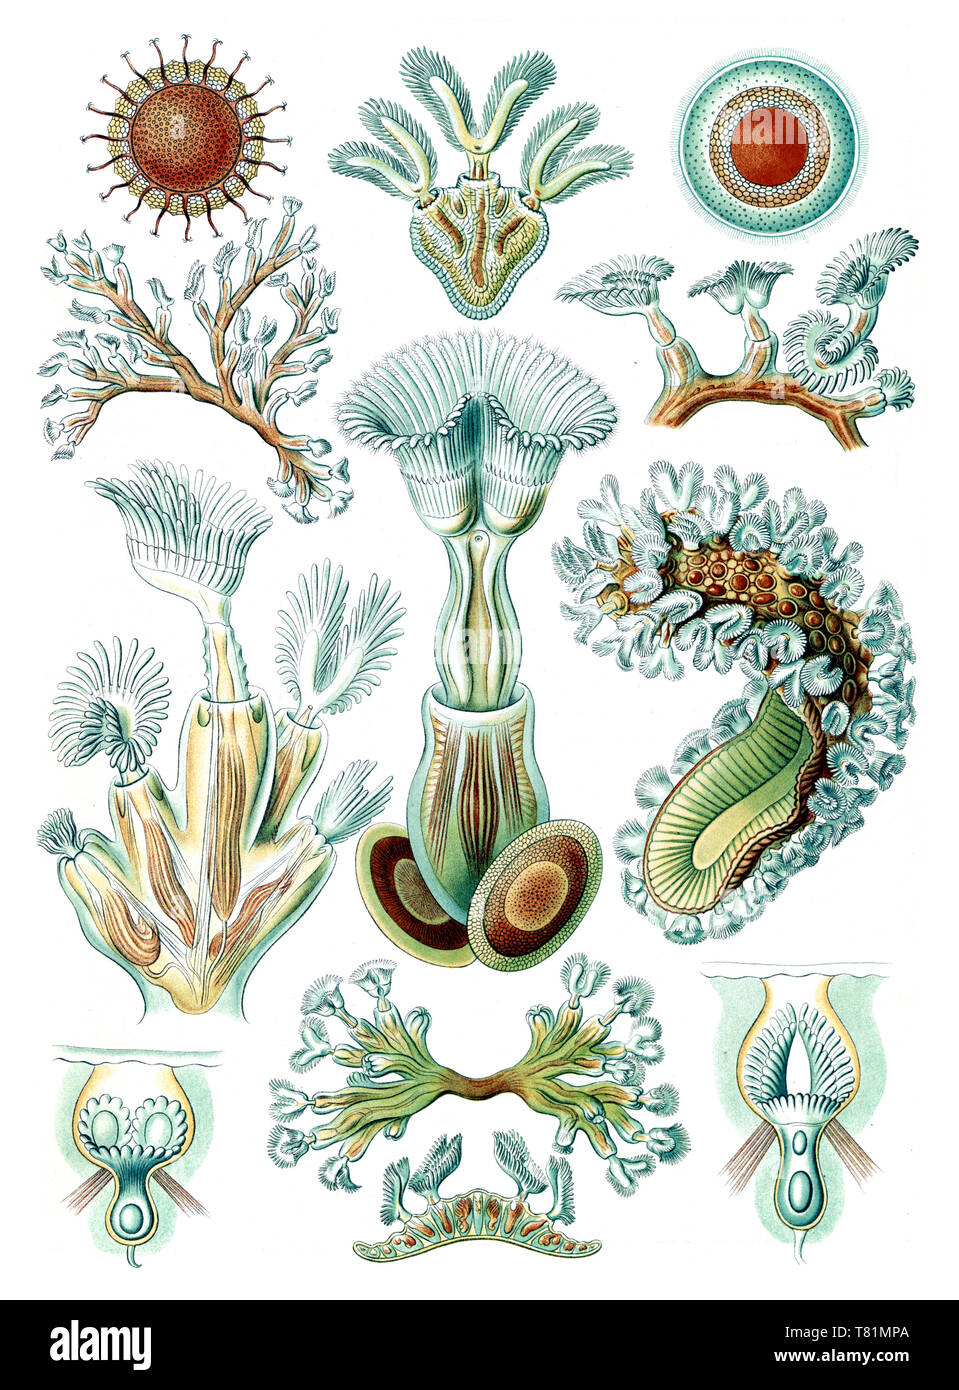 Ernst Haeckel, Bryozoa, Aquatic Invertebrates - Stock Image